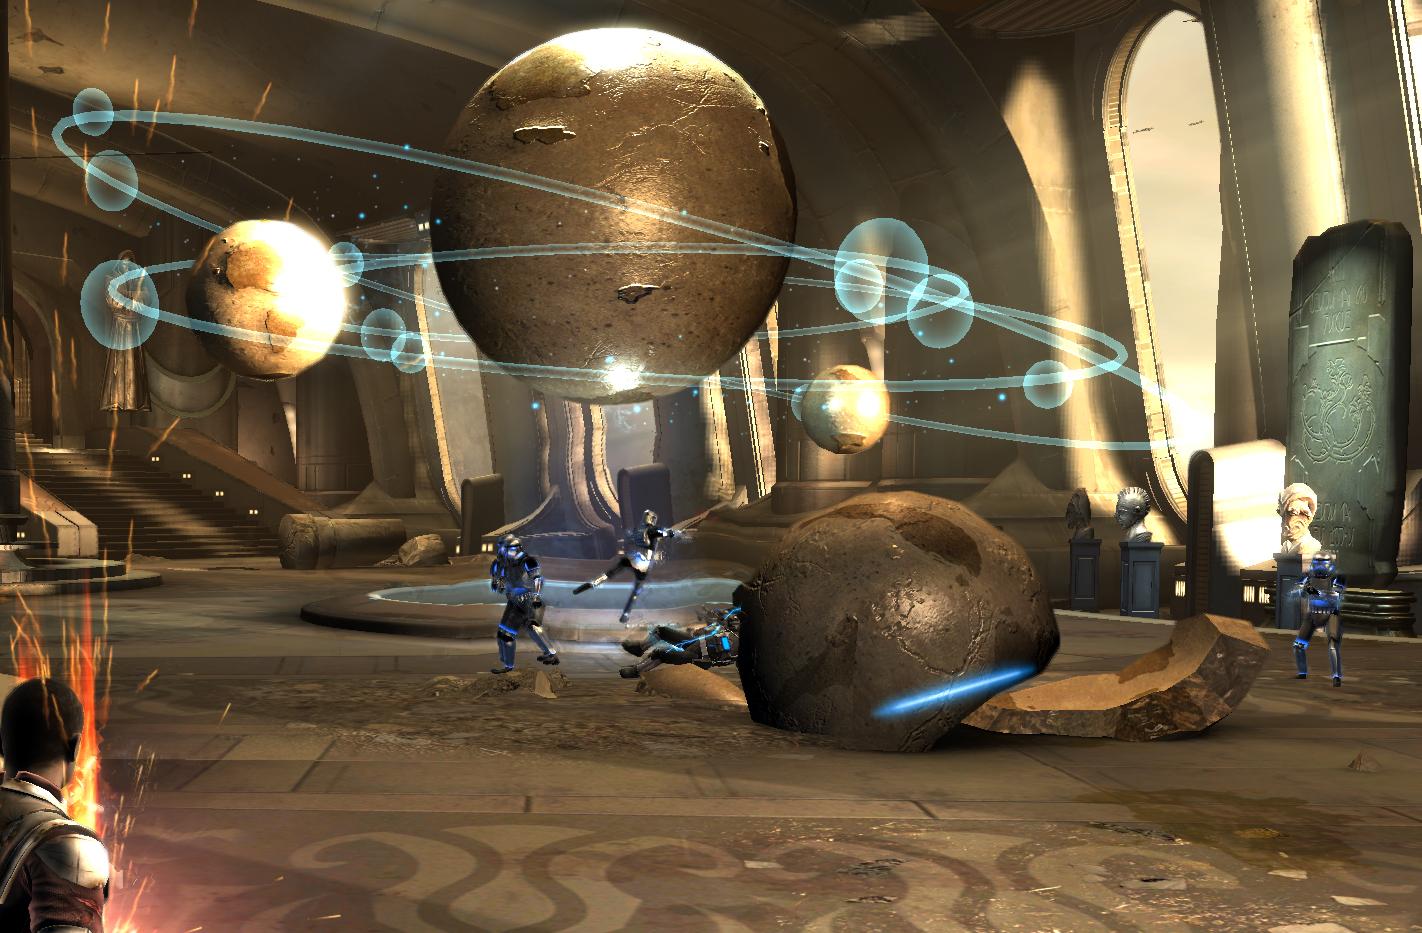 Jedi Temple Planetarium